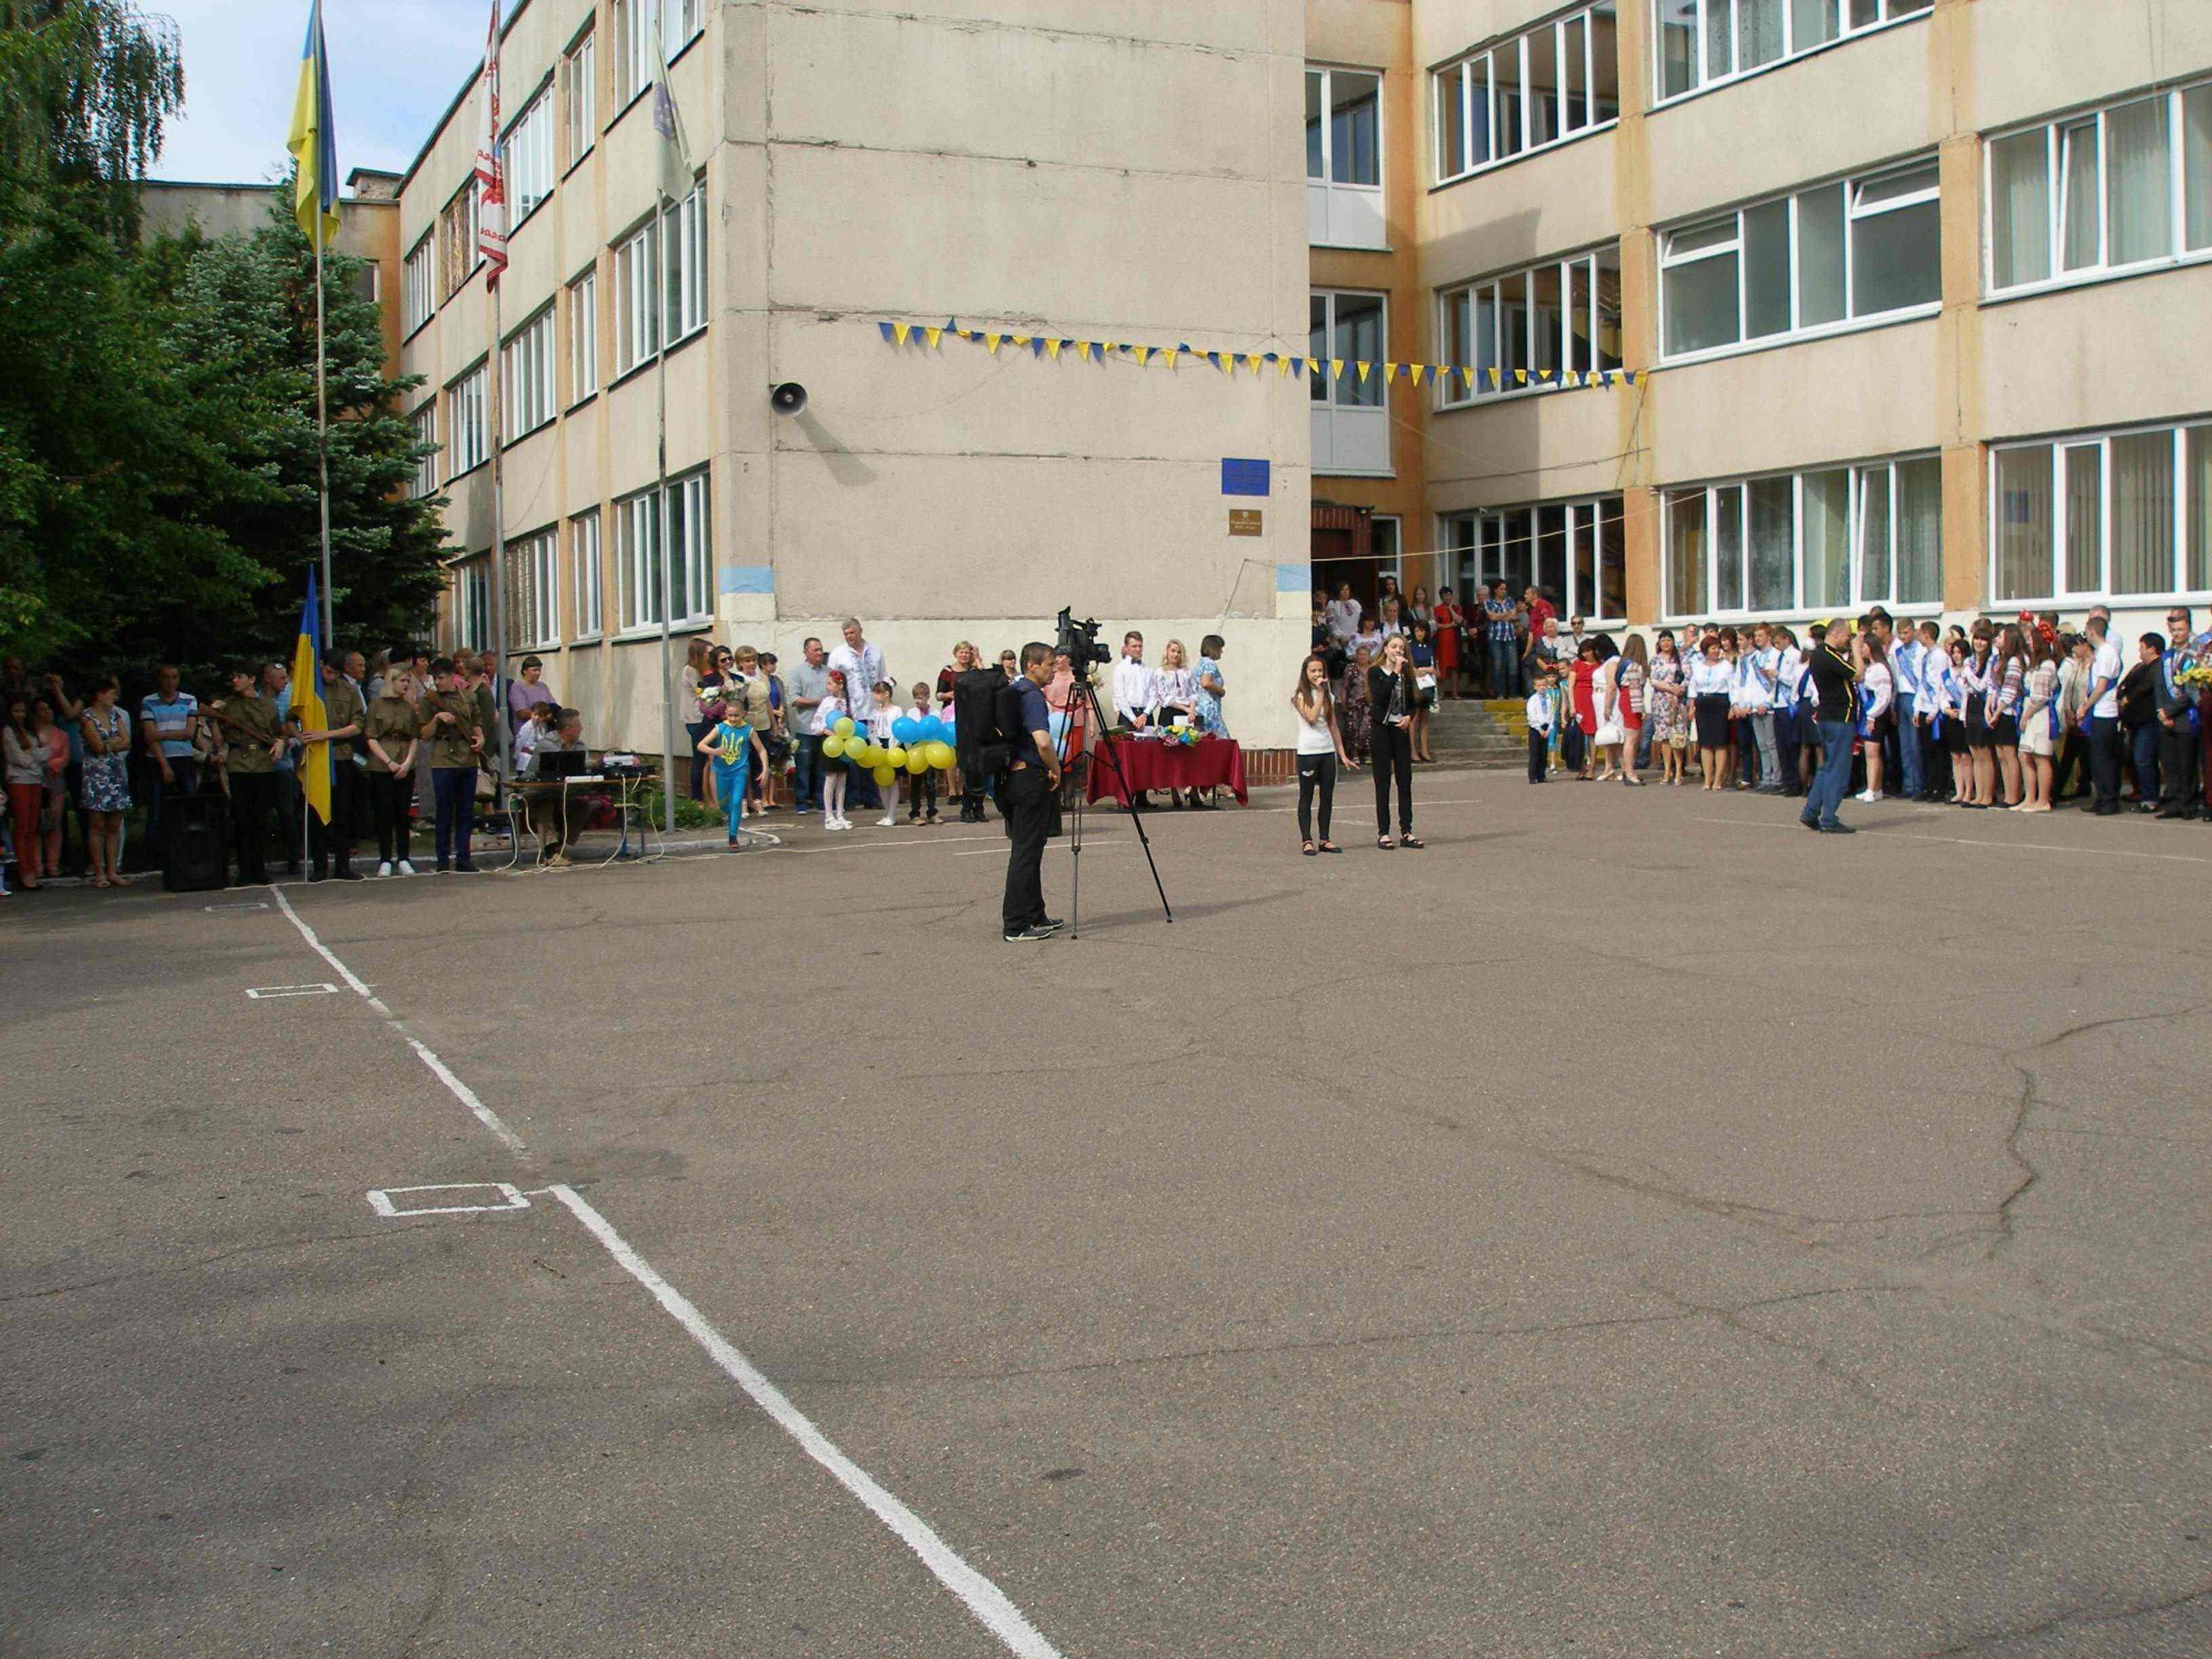 Бондаренко створює комісію, аби перевірити, чи справедливо директор школи програв конкурс